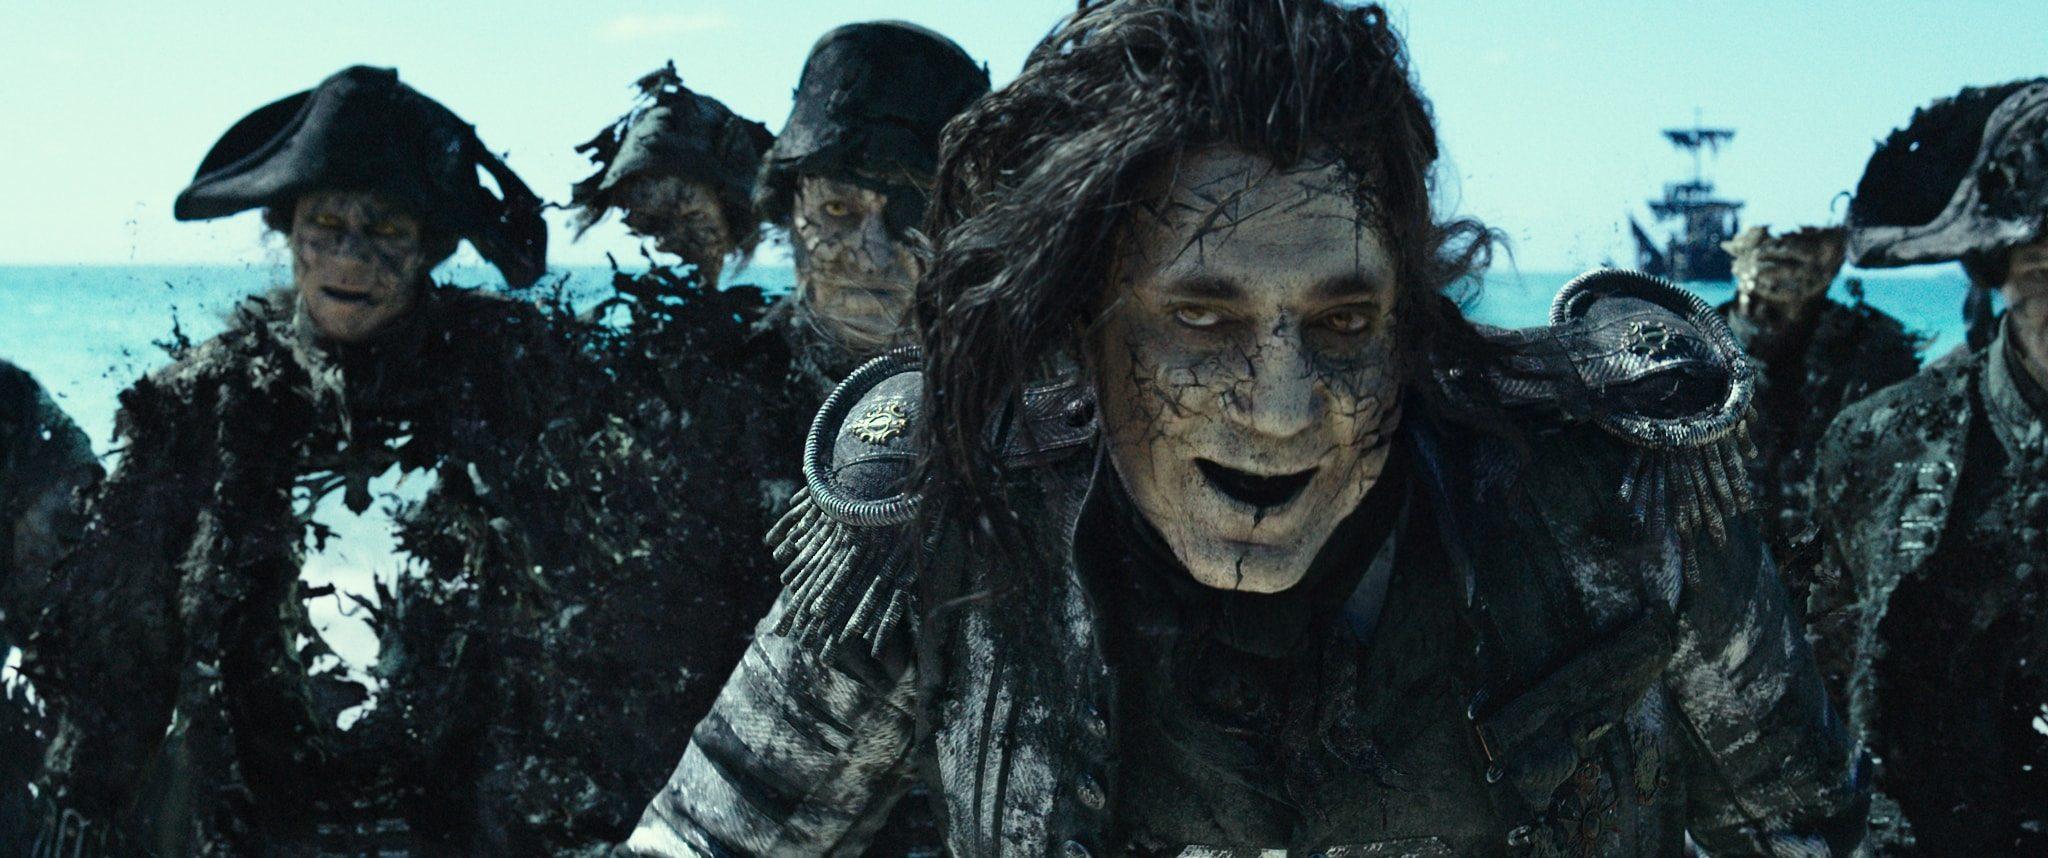 Pirates des Caraïbes La Vengeance de Salazar image 2